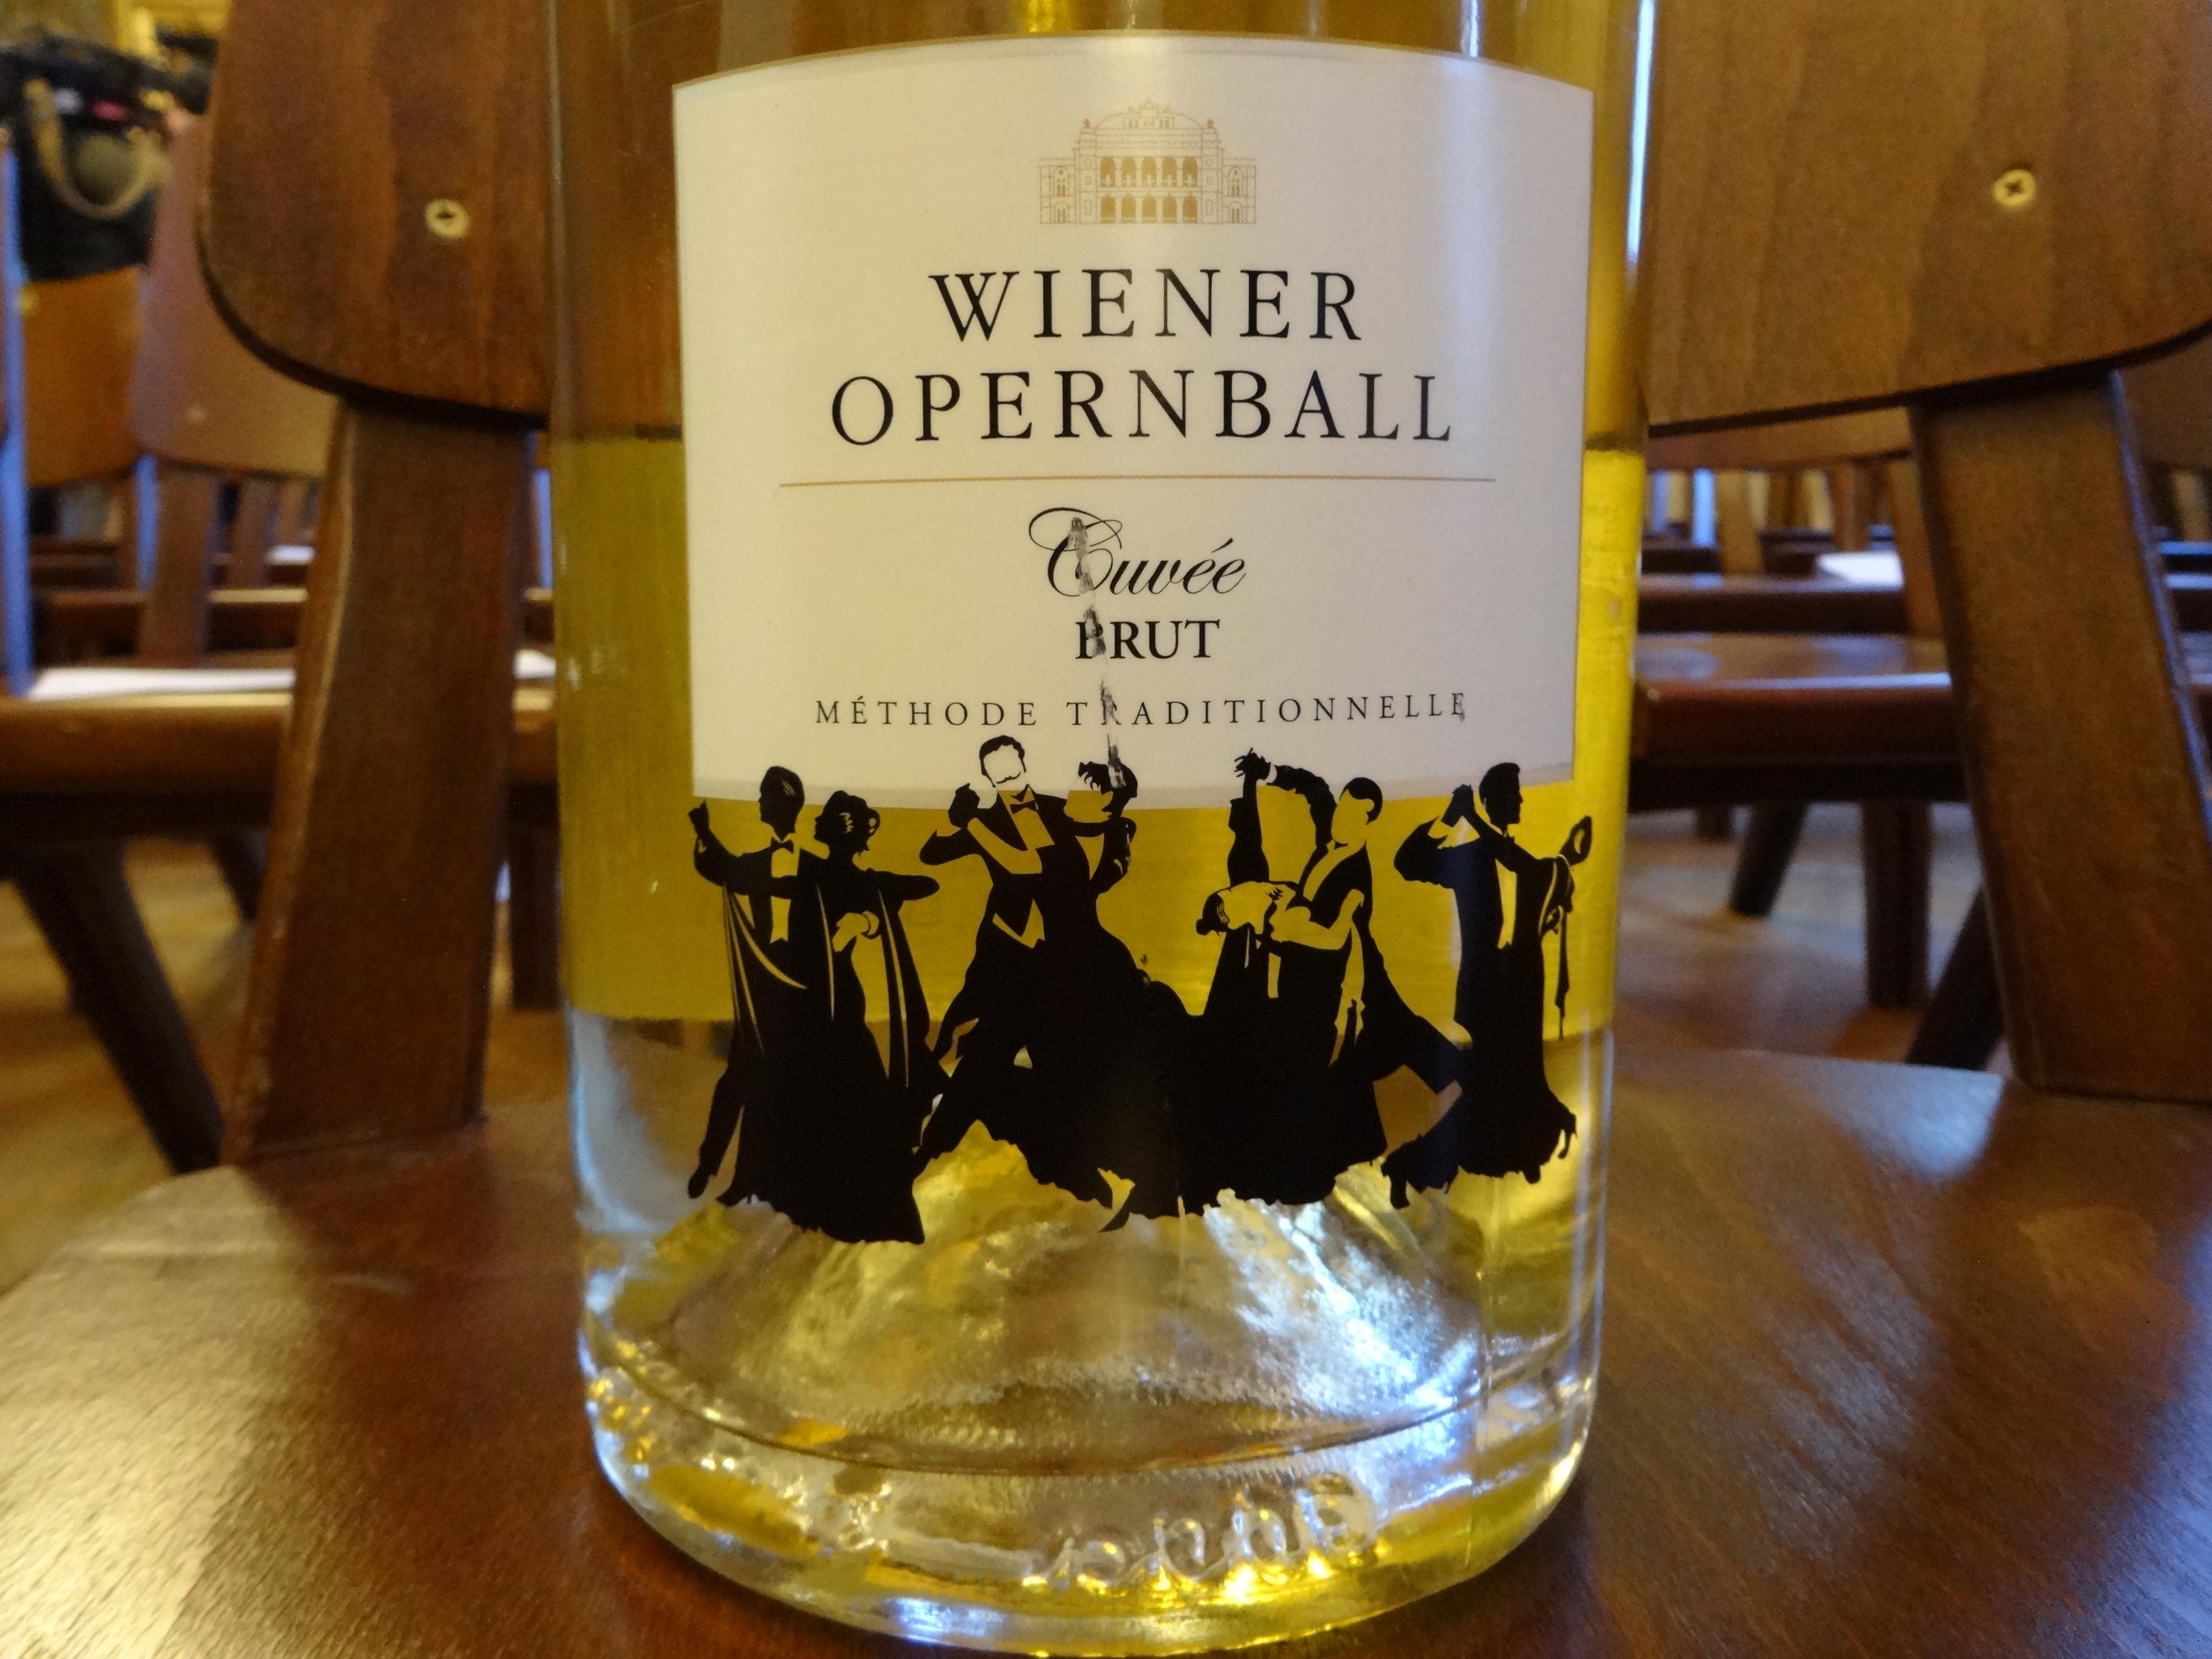 Schlumberger Wiener Opernball Cuvée